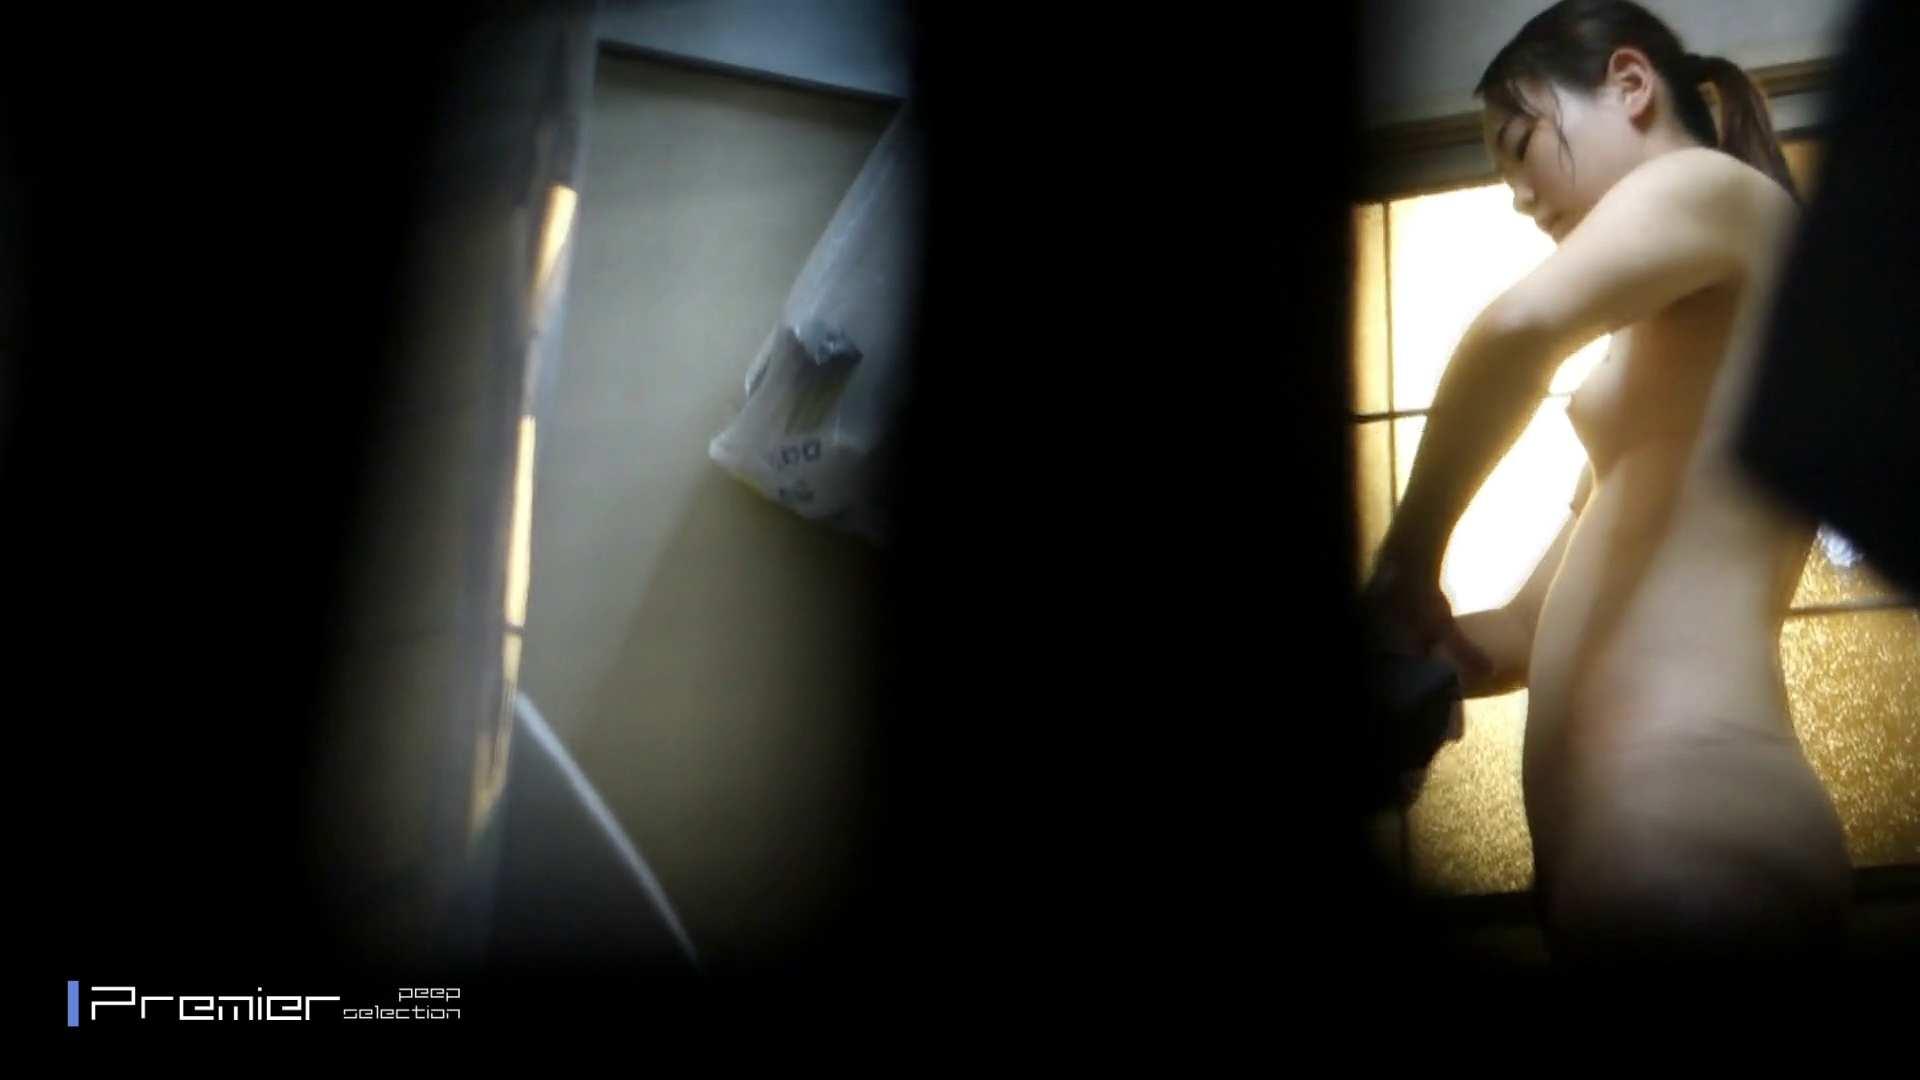 美しい女性のおっぱい隠し撮り 美女達の私生活に潜入! 高画質  110pic 108